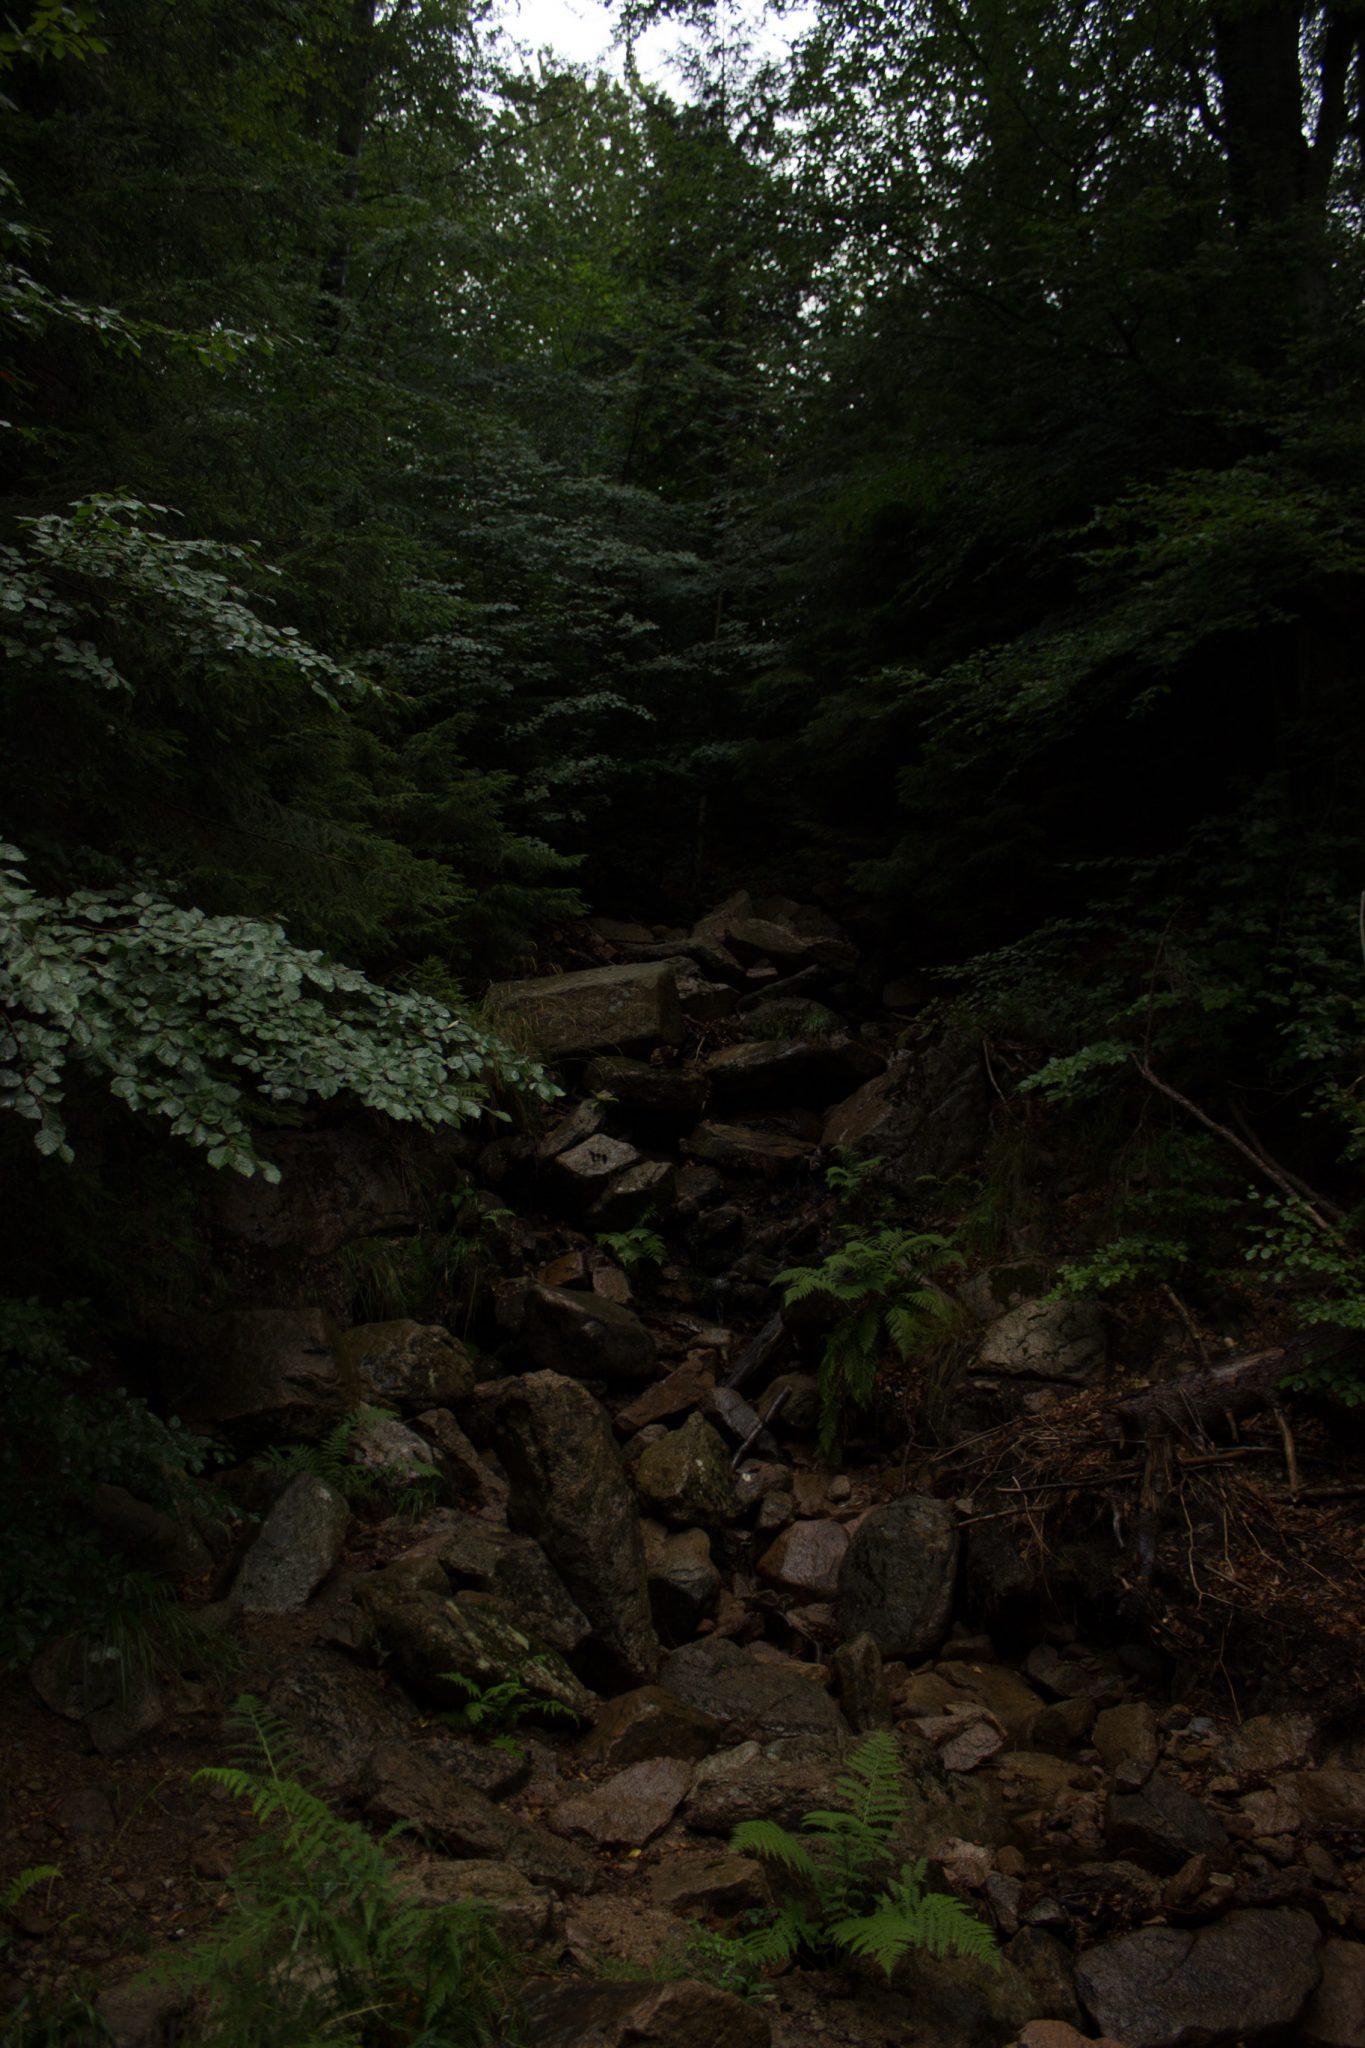 Wanderung Brocken über Heinrich-Heine-Weg Start in Ilsenburg, Nationalpark Harz, schöner Wanderweg im Wald entlang des Fluß Ilse, atmosphärisch, herrliche frische Luft